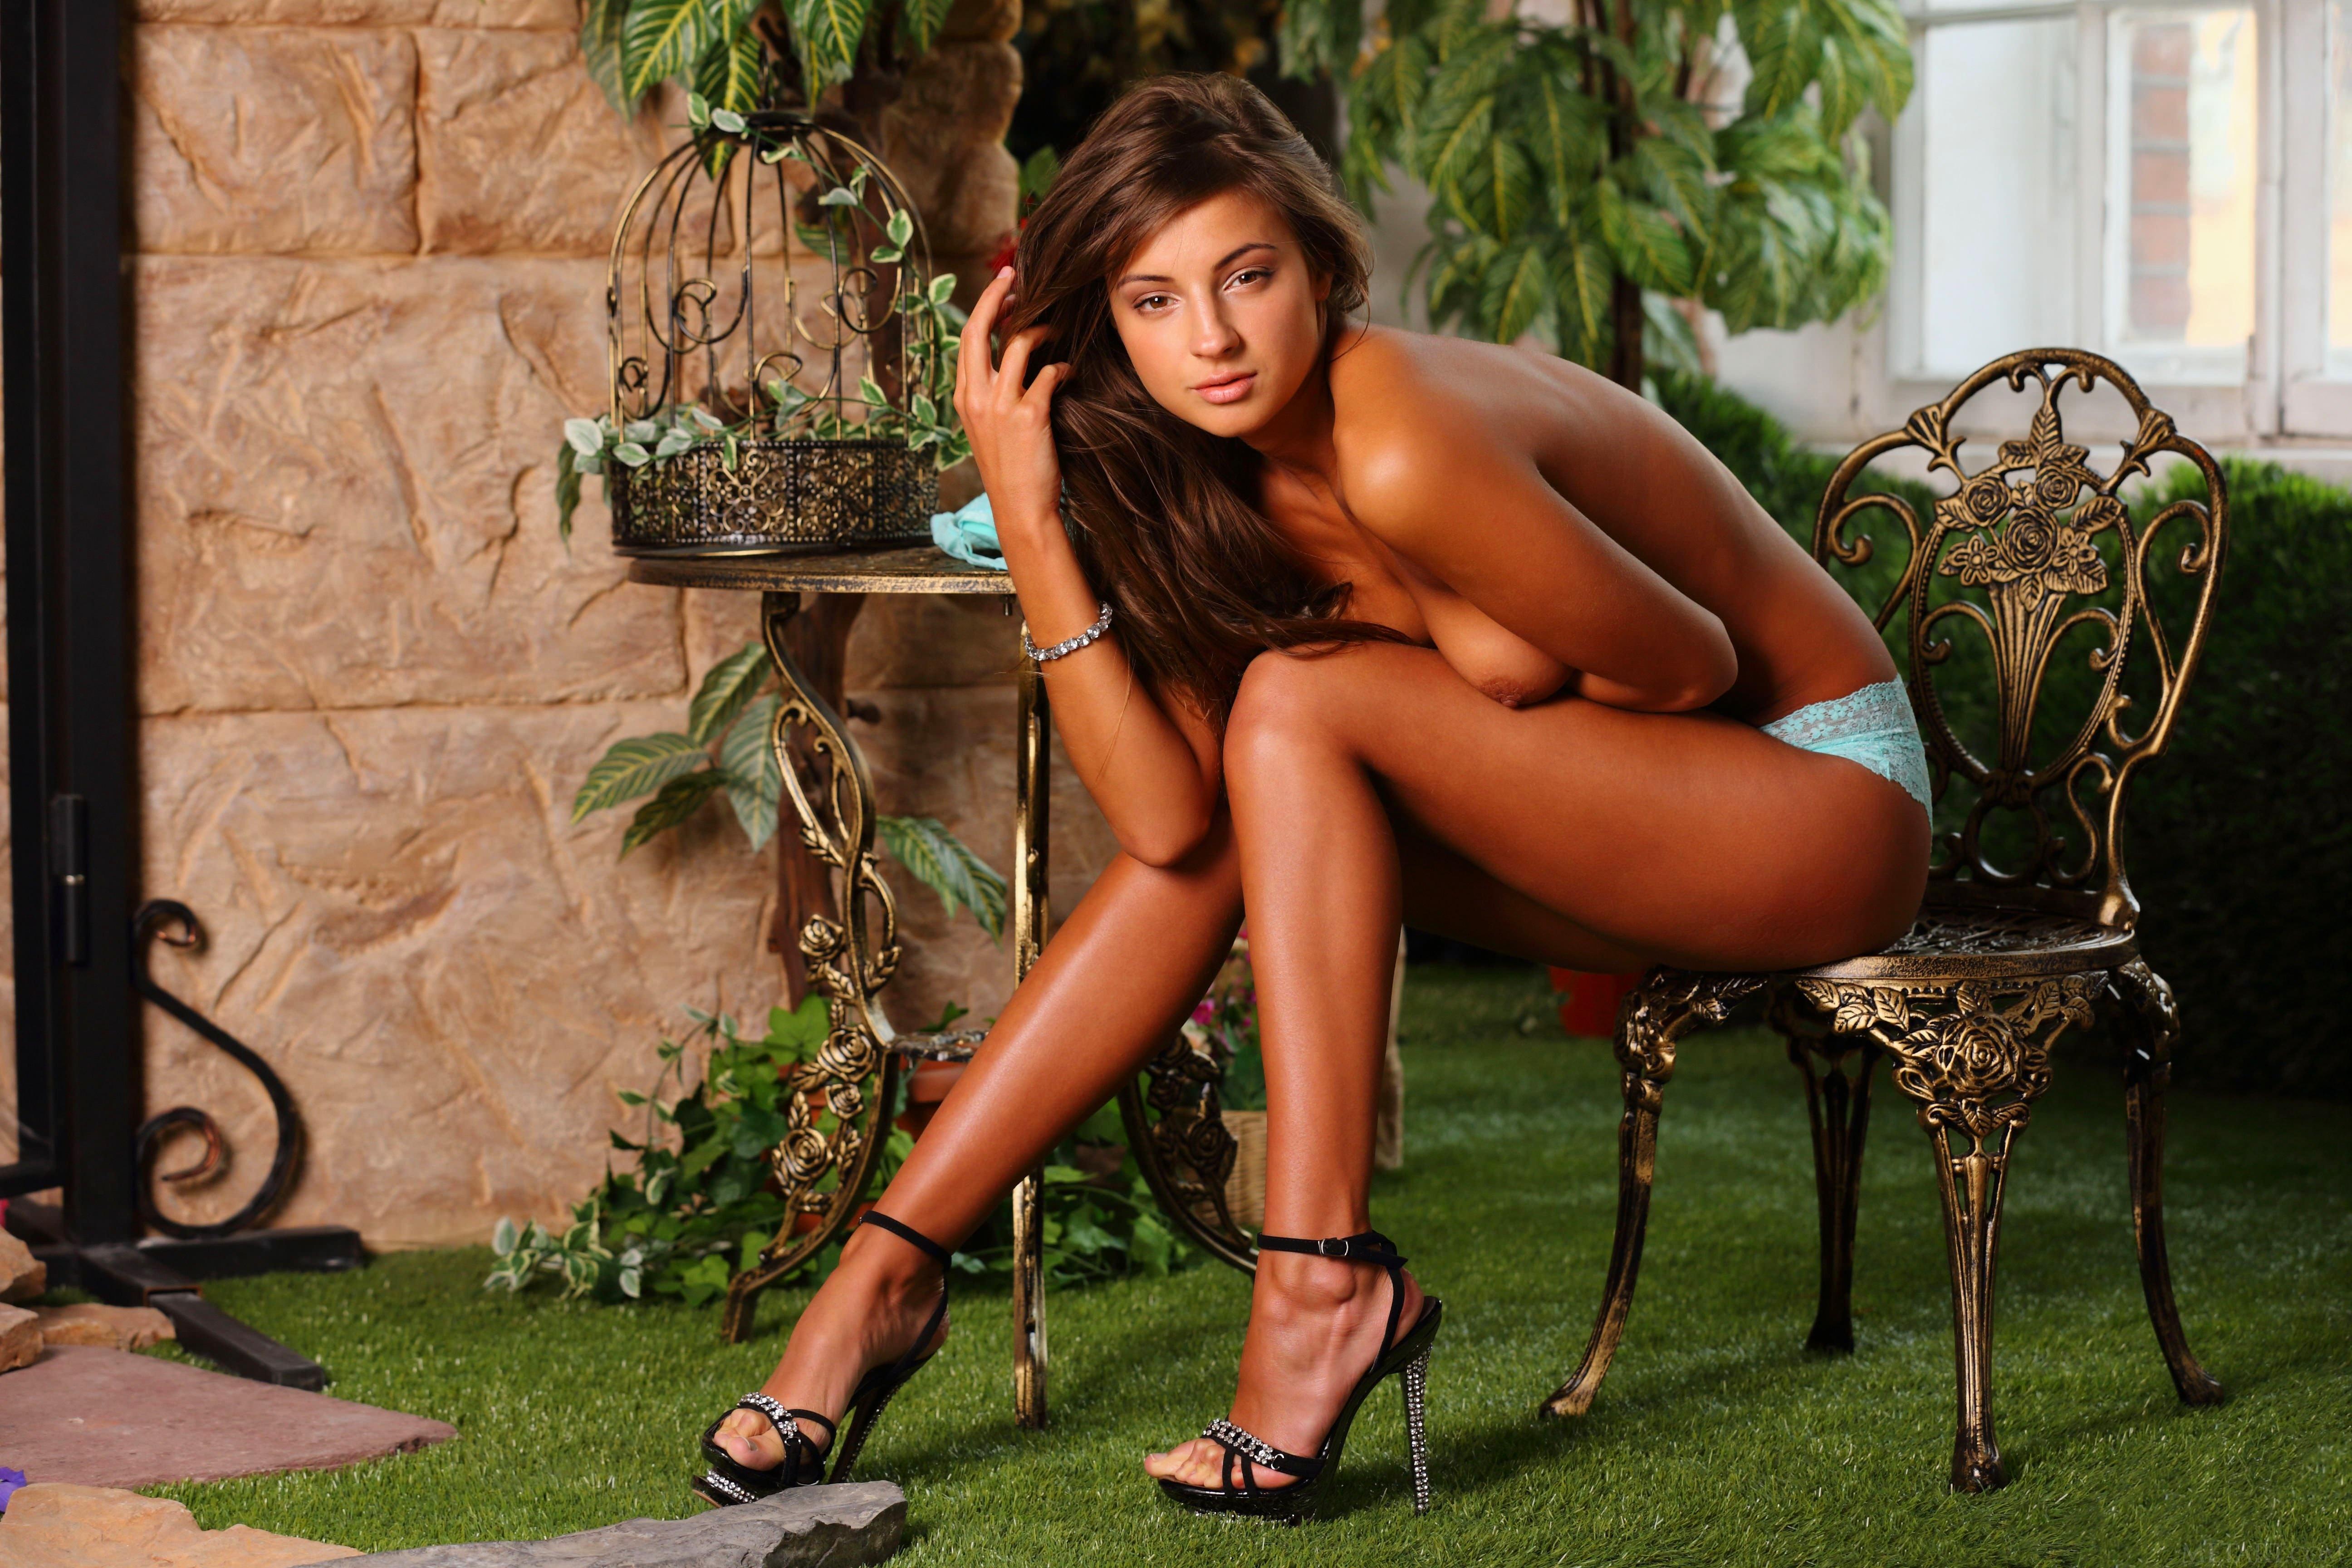 Мария голая красавица фото 0 фотография